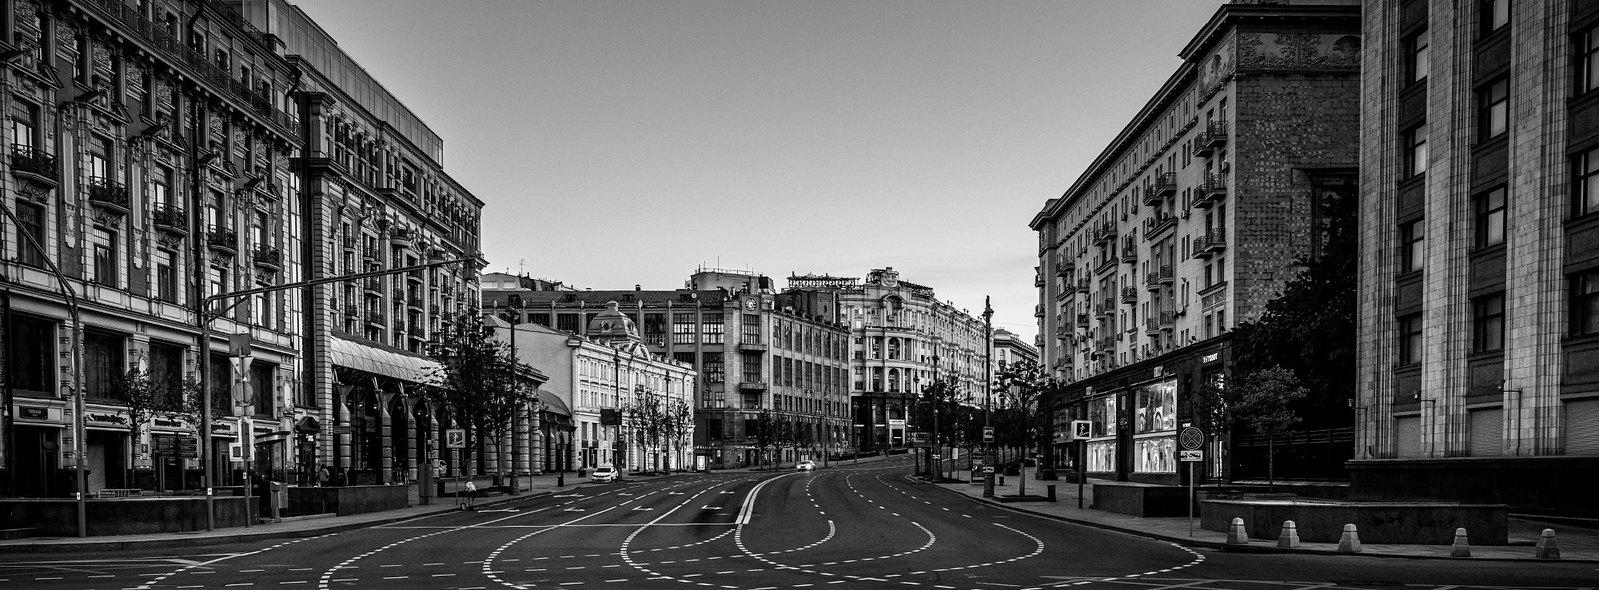 Пересечение Тверской улицы и Охотного ряда